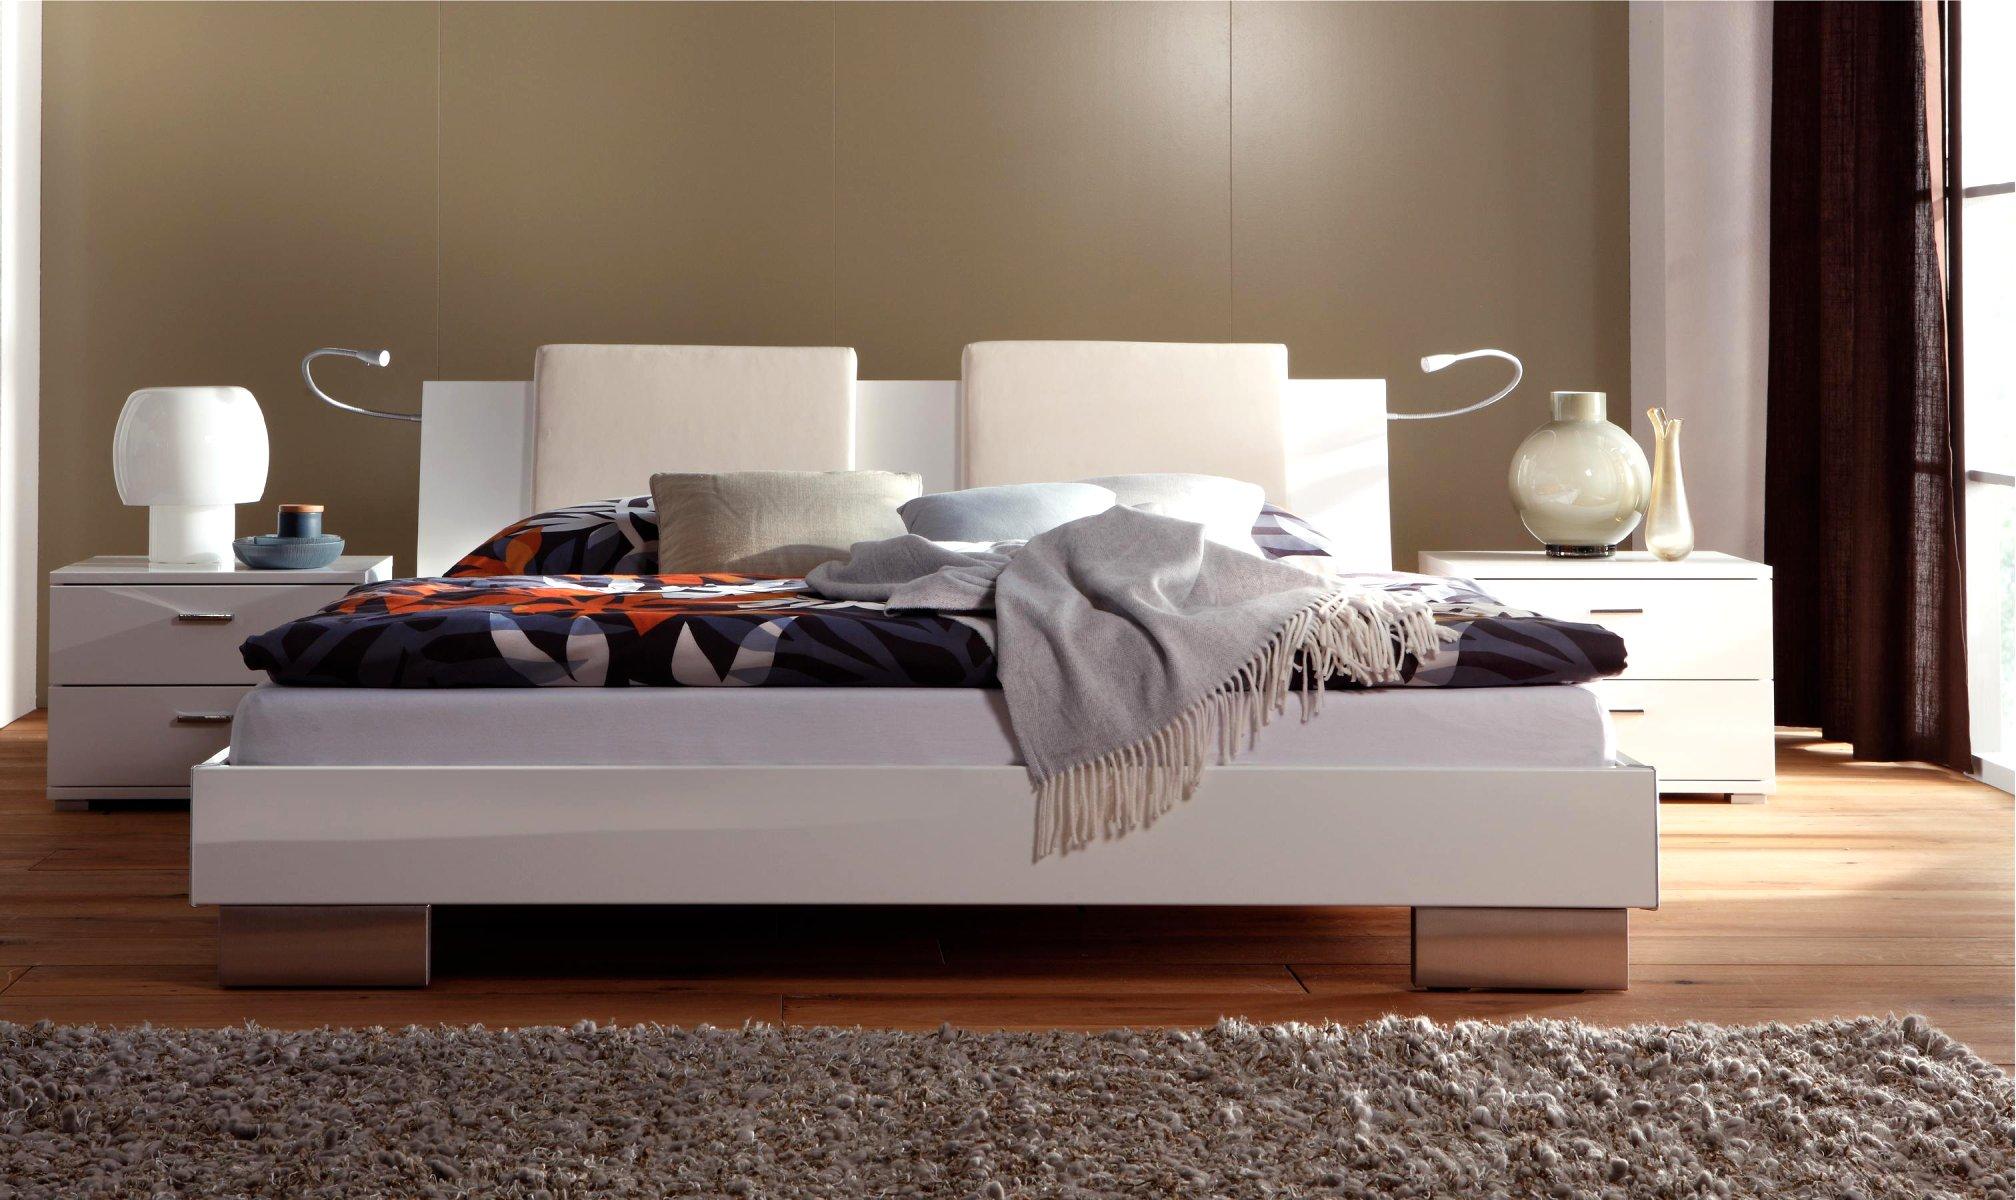 Full Size of Bett Niedrig Futon Home4feeling Günstige Betten 140x200 Günstig Kaufen 180x200 Dico Mit Aufbewahrung Ebay Bock Coole Luxus Düsseldorf Mädchen Balinesische Wohnzimmer Niedrige Betten